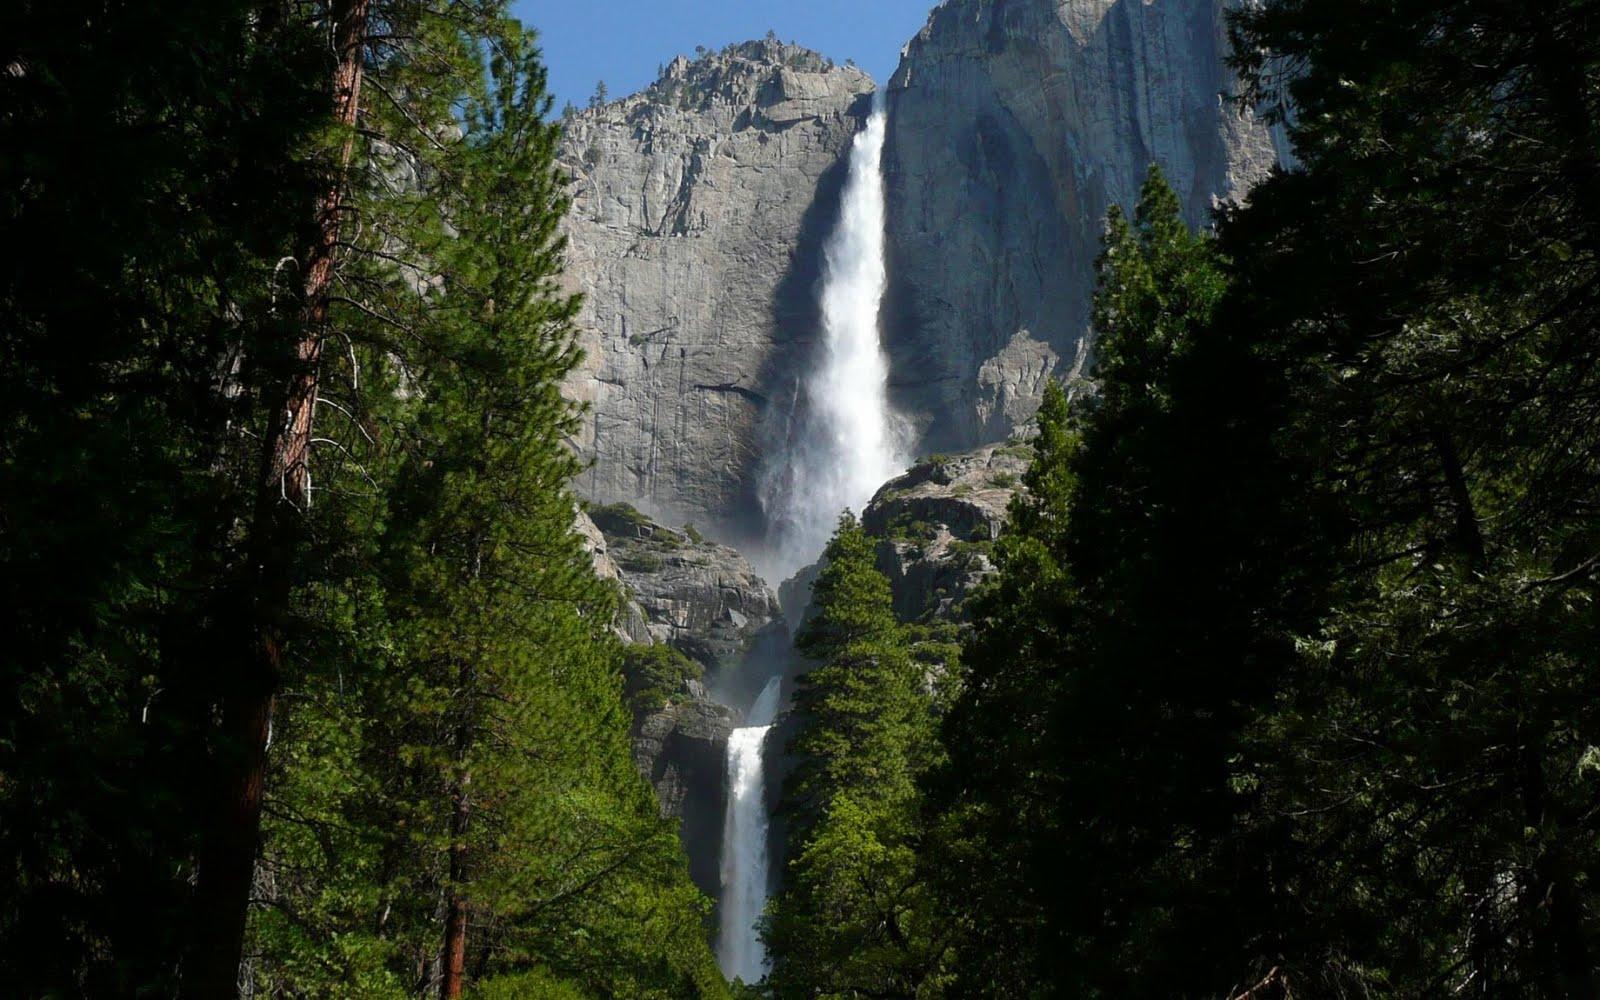 http://4.bp.blogspot.com/_HzAThb2RgMc/TLydLksfnJI/AAAAAAAABzk/en8YH6oTaKA/s1600/Yosemite_Falls_1680%2Bx%2B1050%2Bwidescreen.jpg